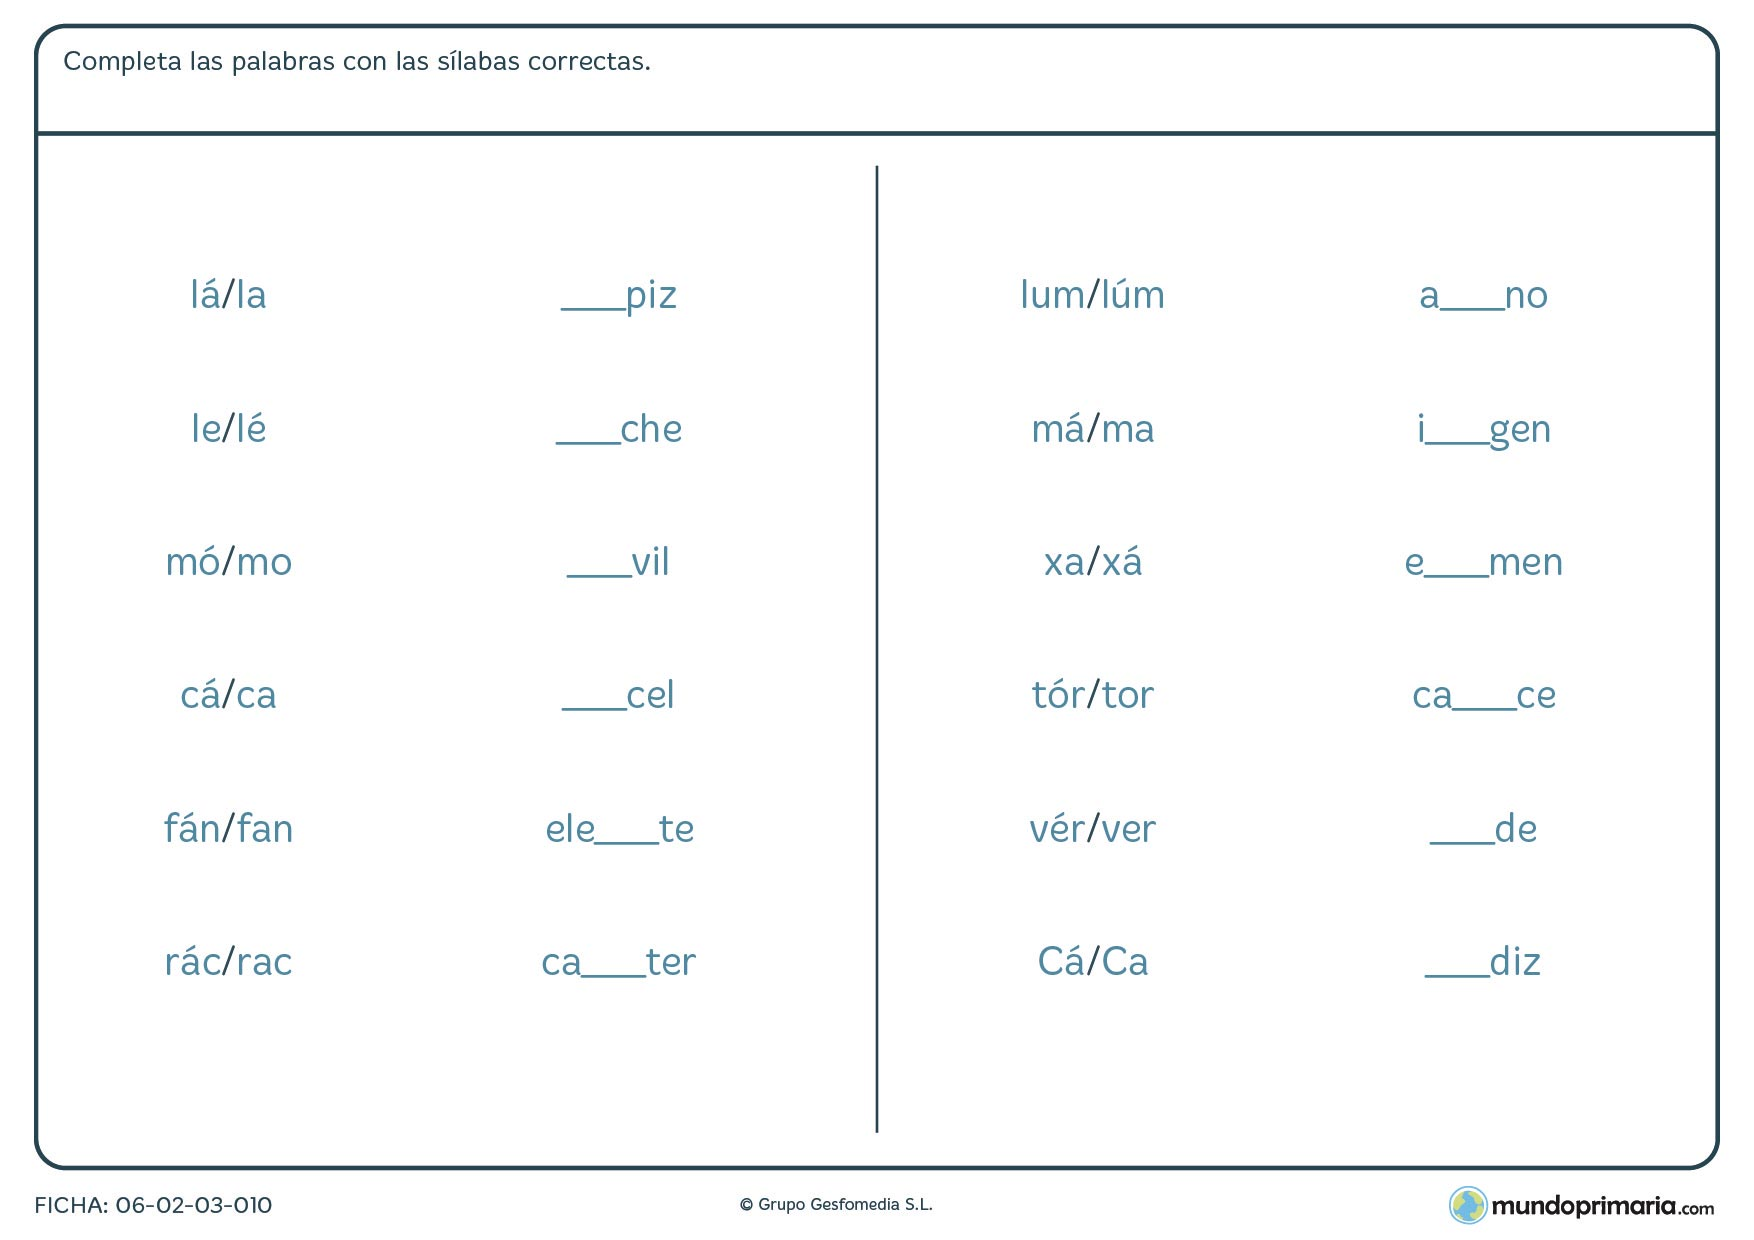 Ficha de terminar las palabras propuestas con la sílaba que falta